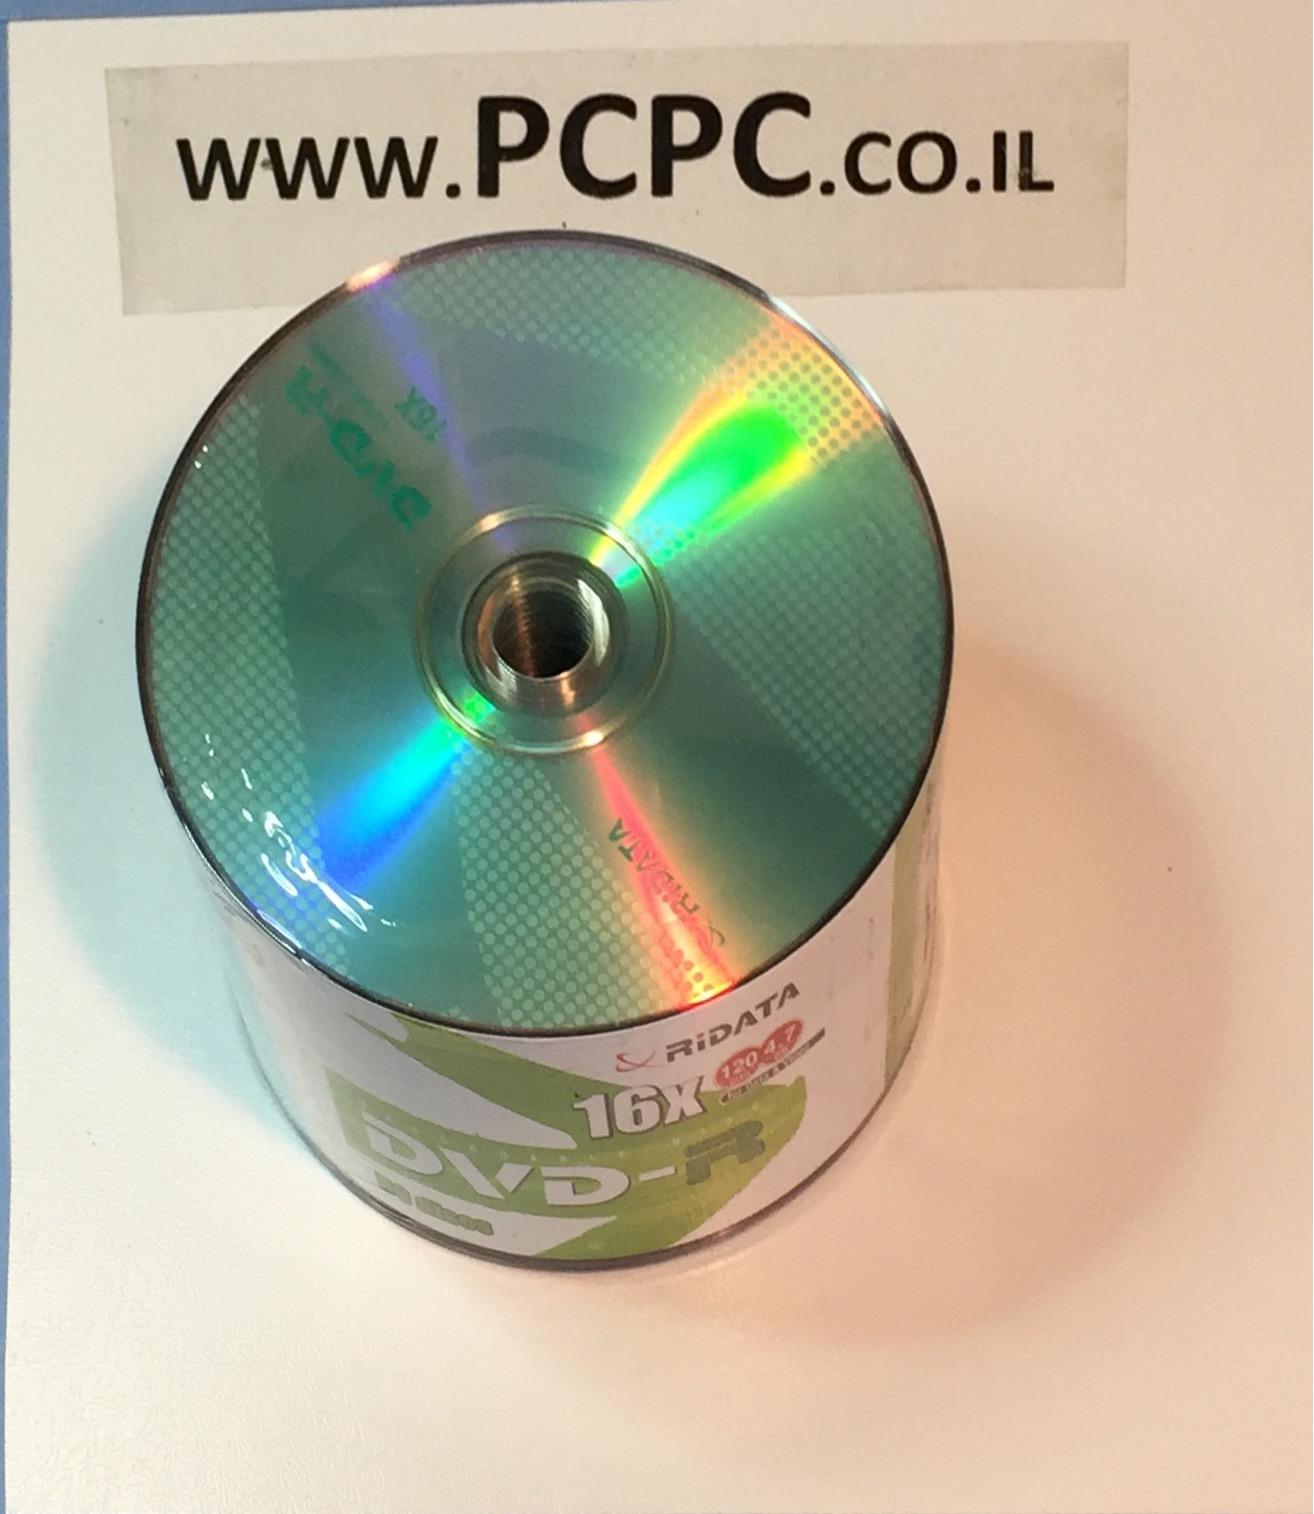 דיסק 4.7X16 גיגה ל DVDR CAKE של 50 יחידות  RIDATA